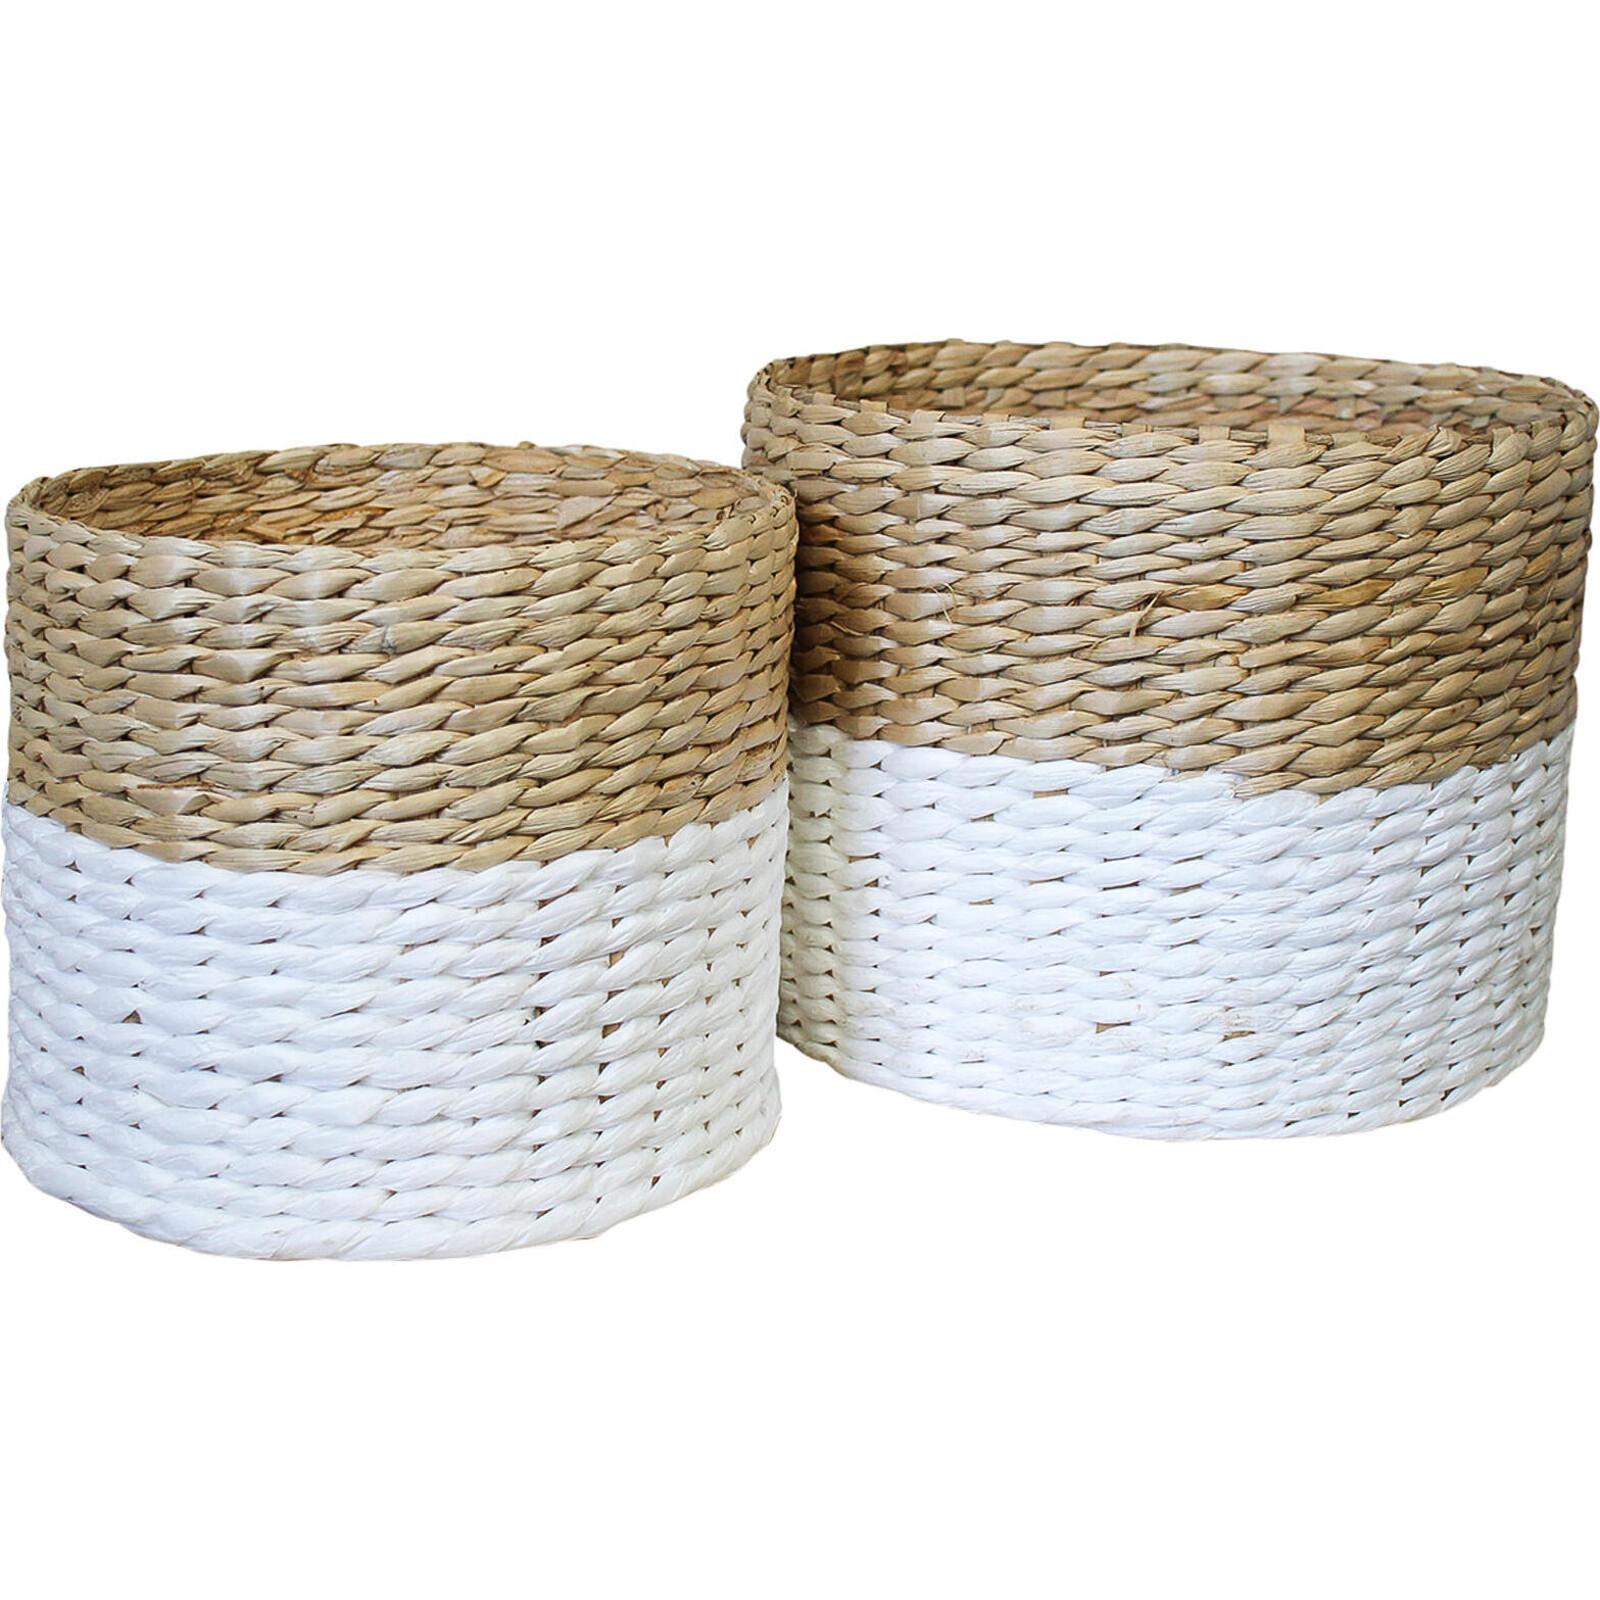 Basket Woven Tub White S/2